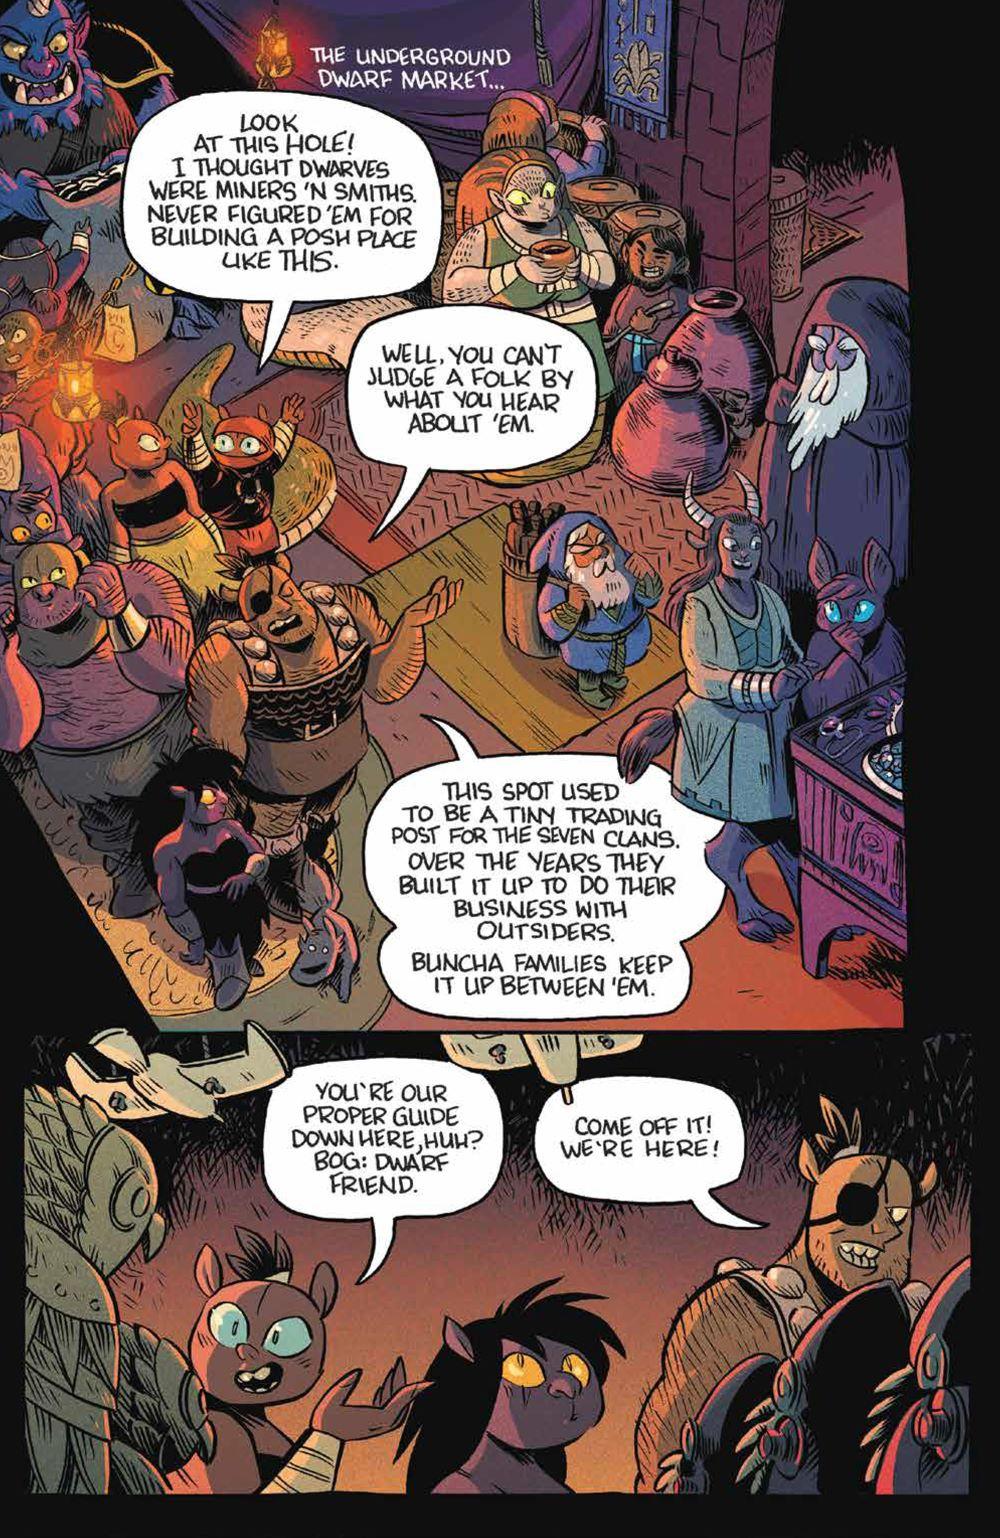 Orcs_005_PRESS_3-1 ComicList Previews: ORCS #5 (OF 6)